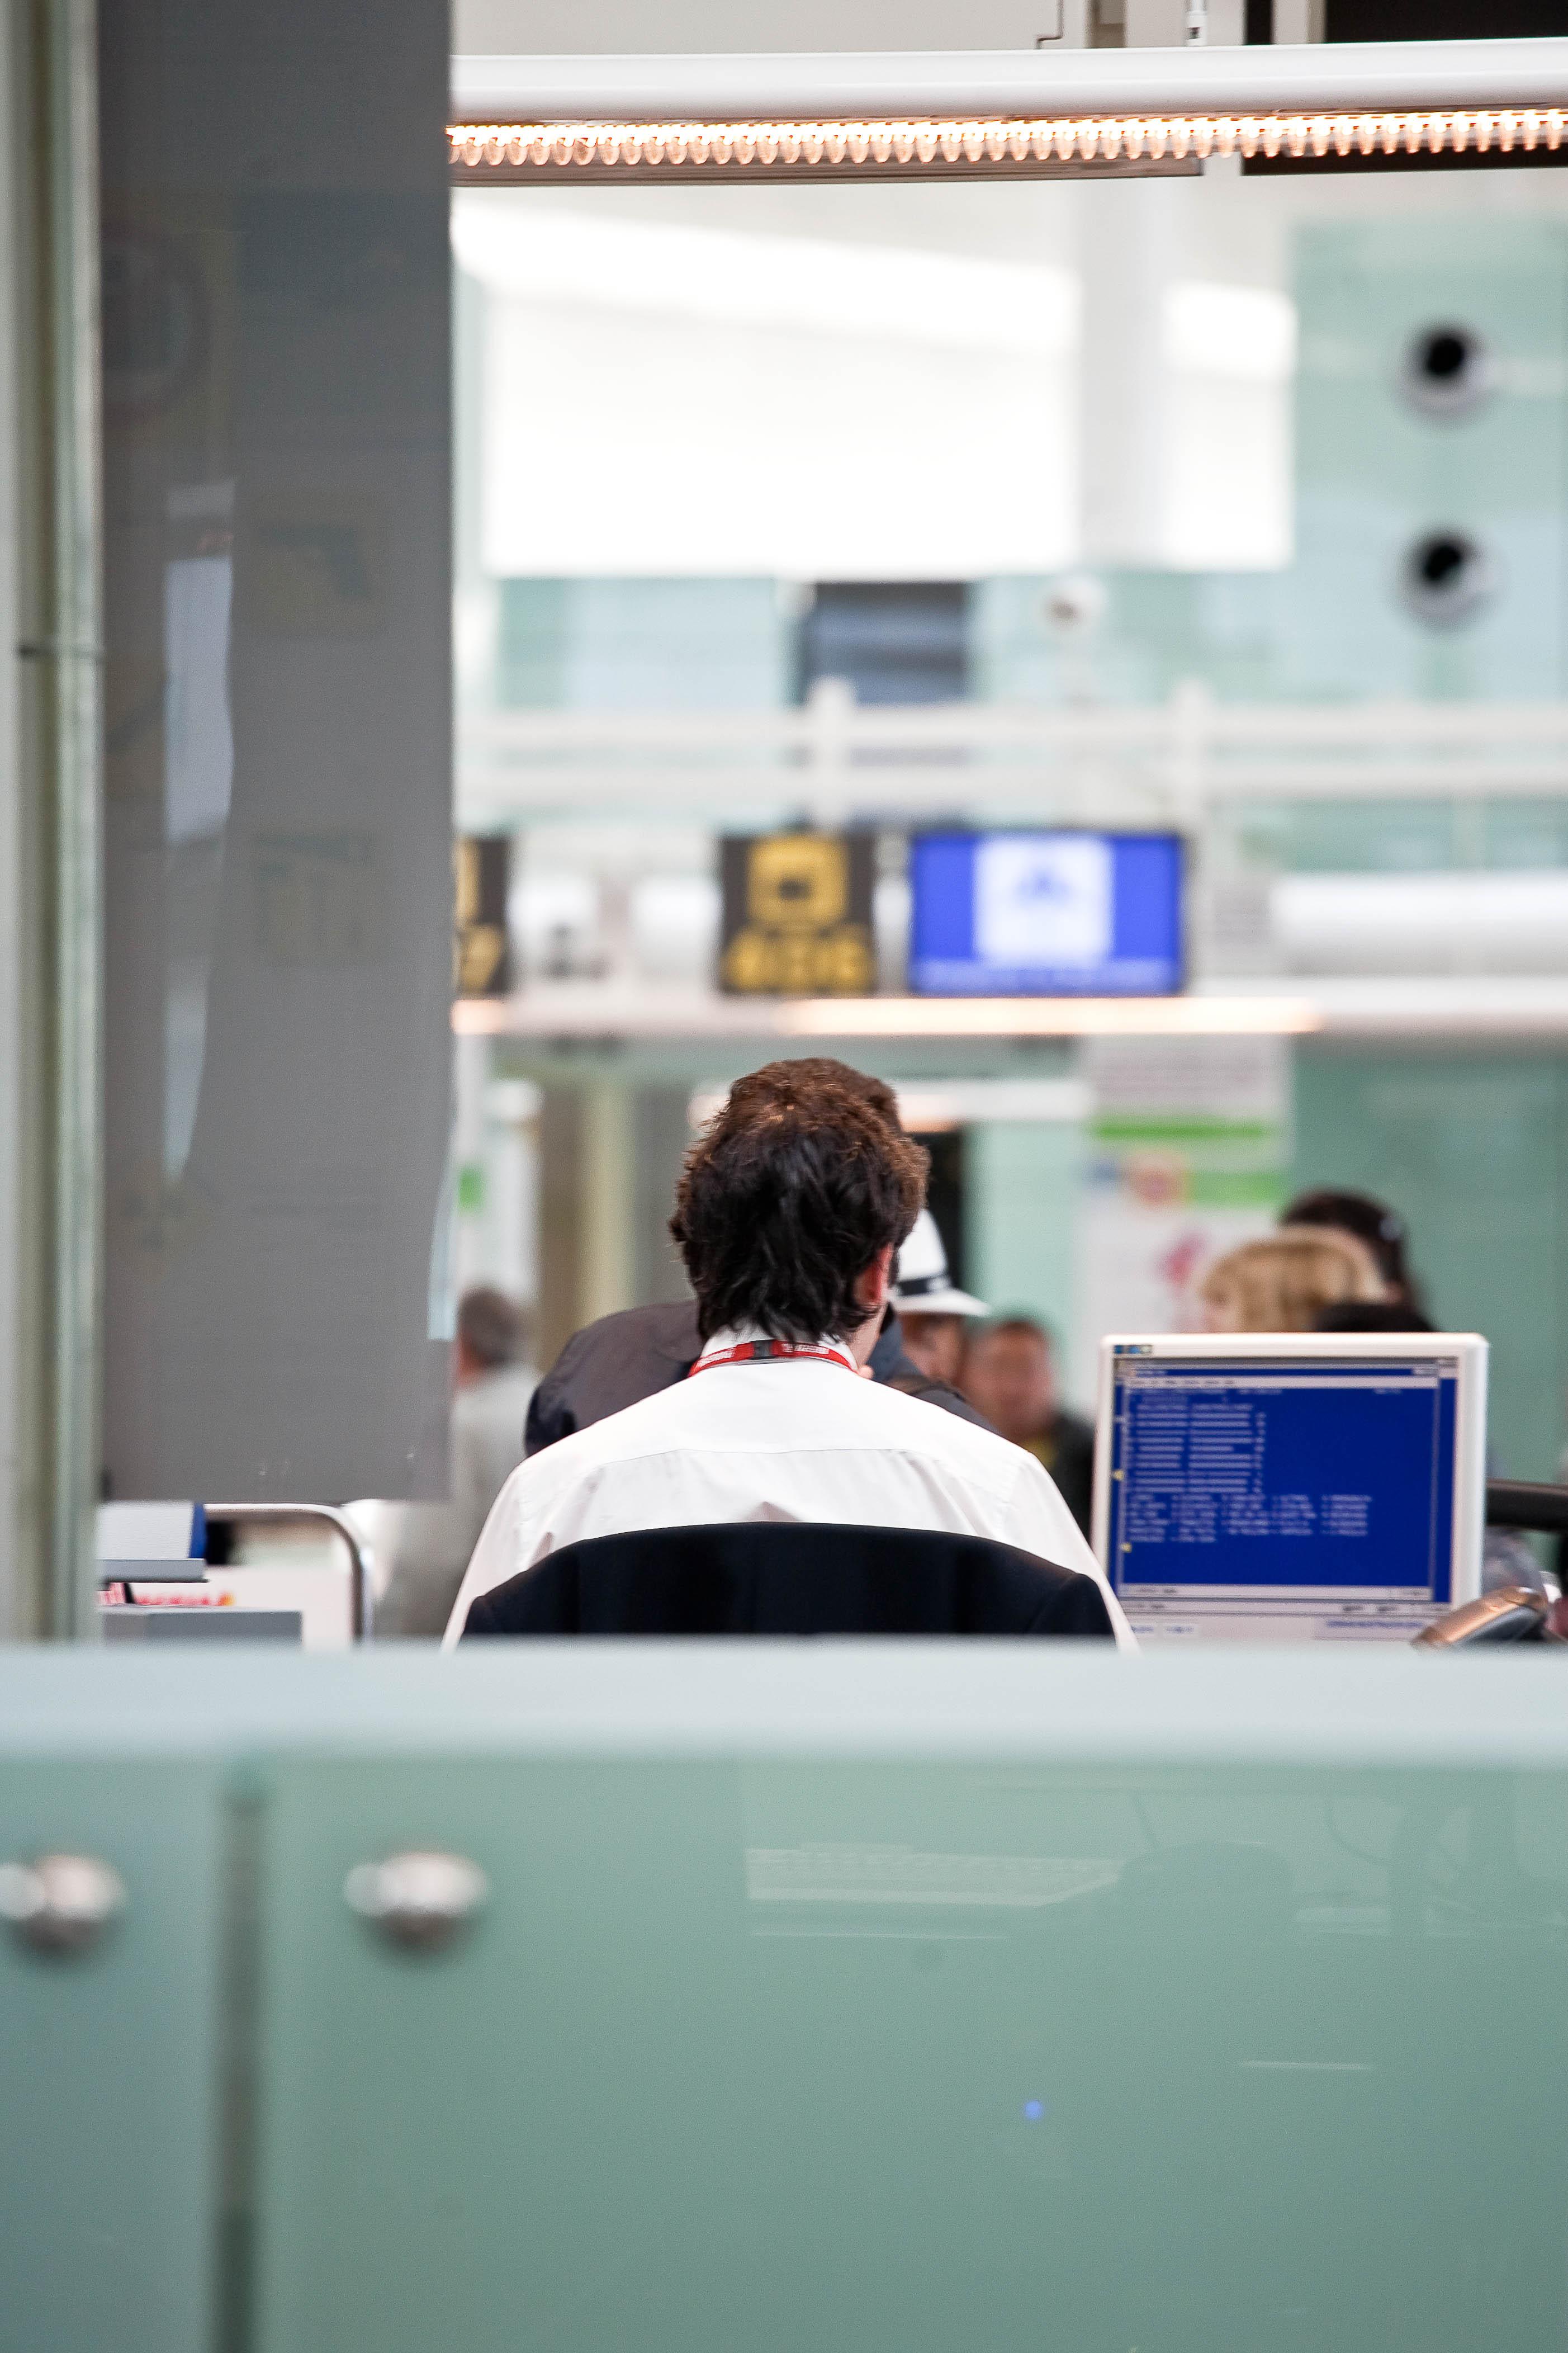 Implantaci n de los sistemas sacta caro y cometa ineco for Oficina virtual trafico